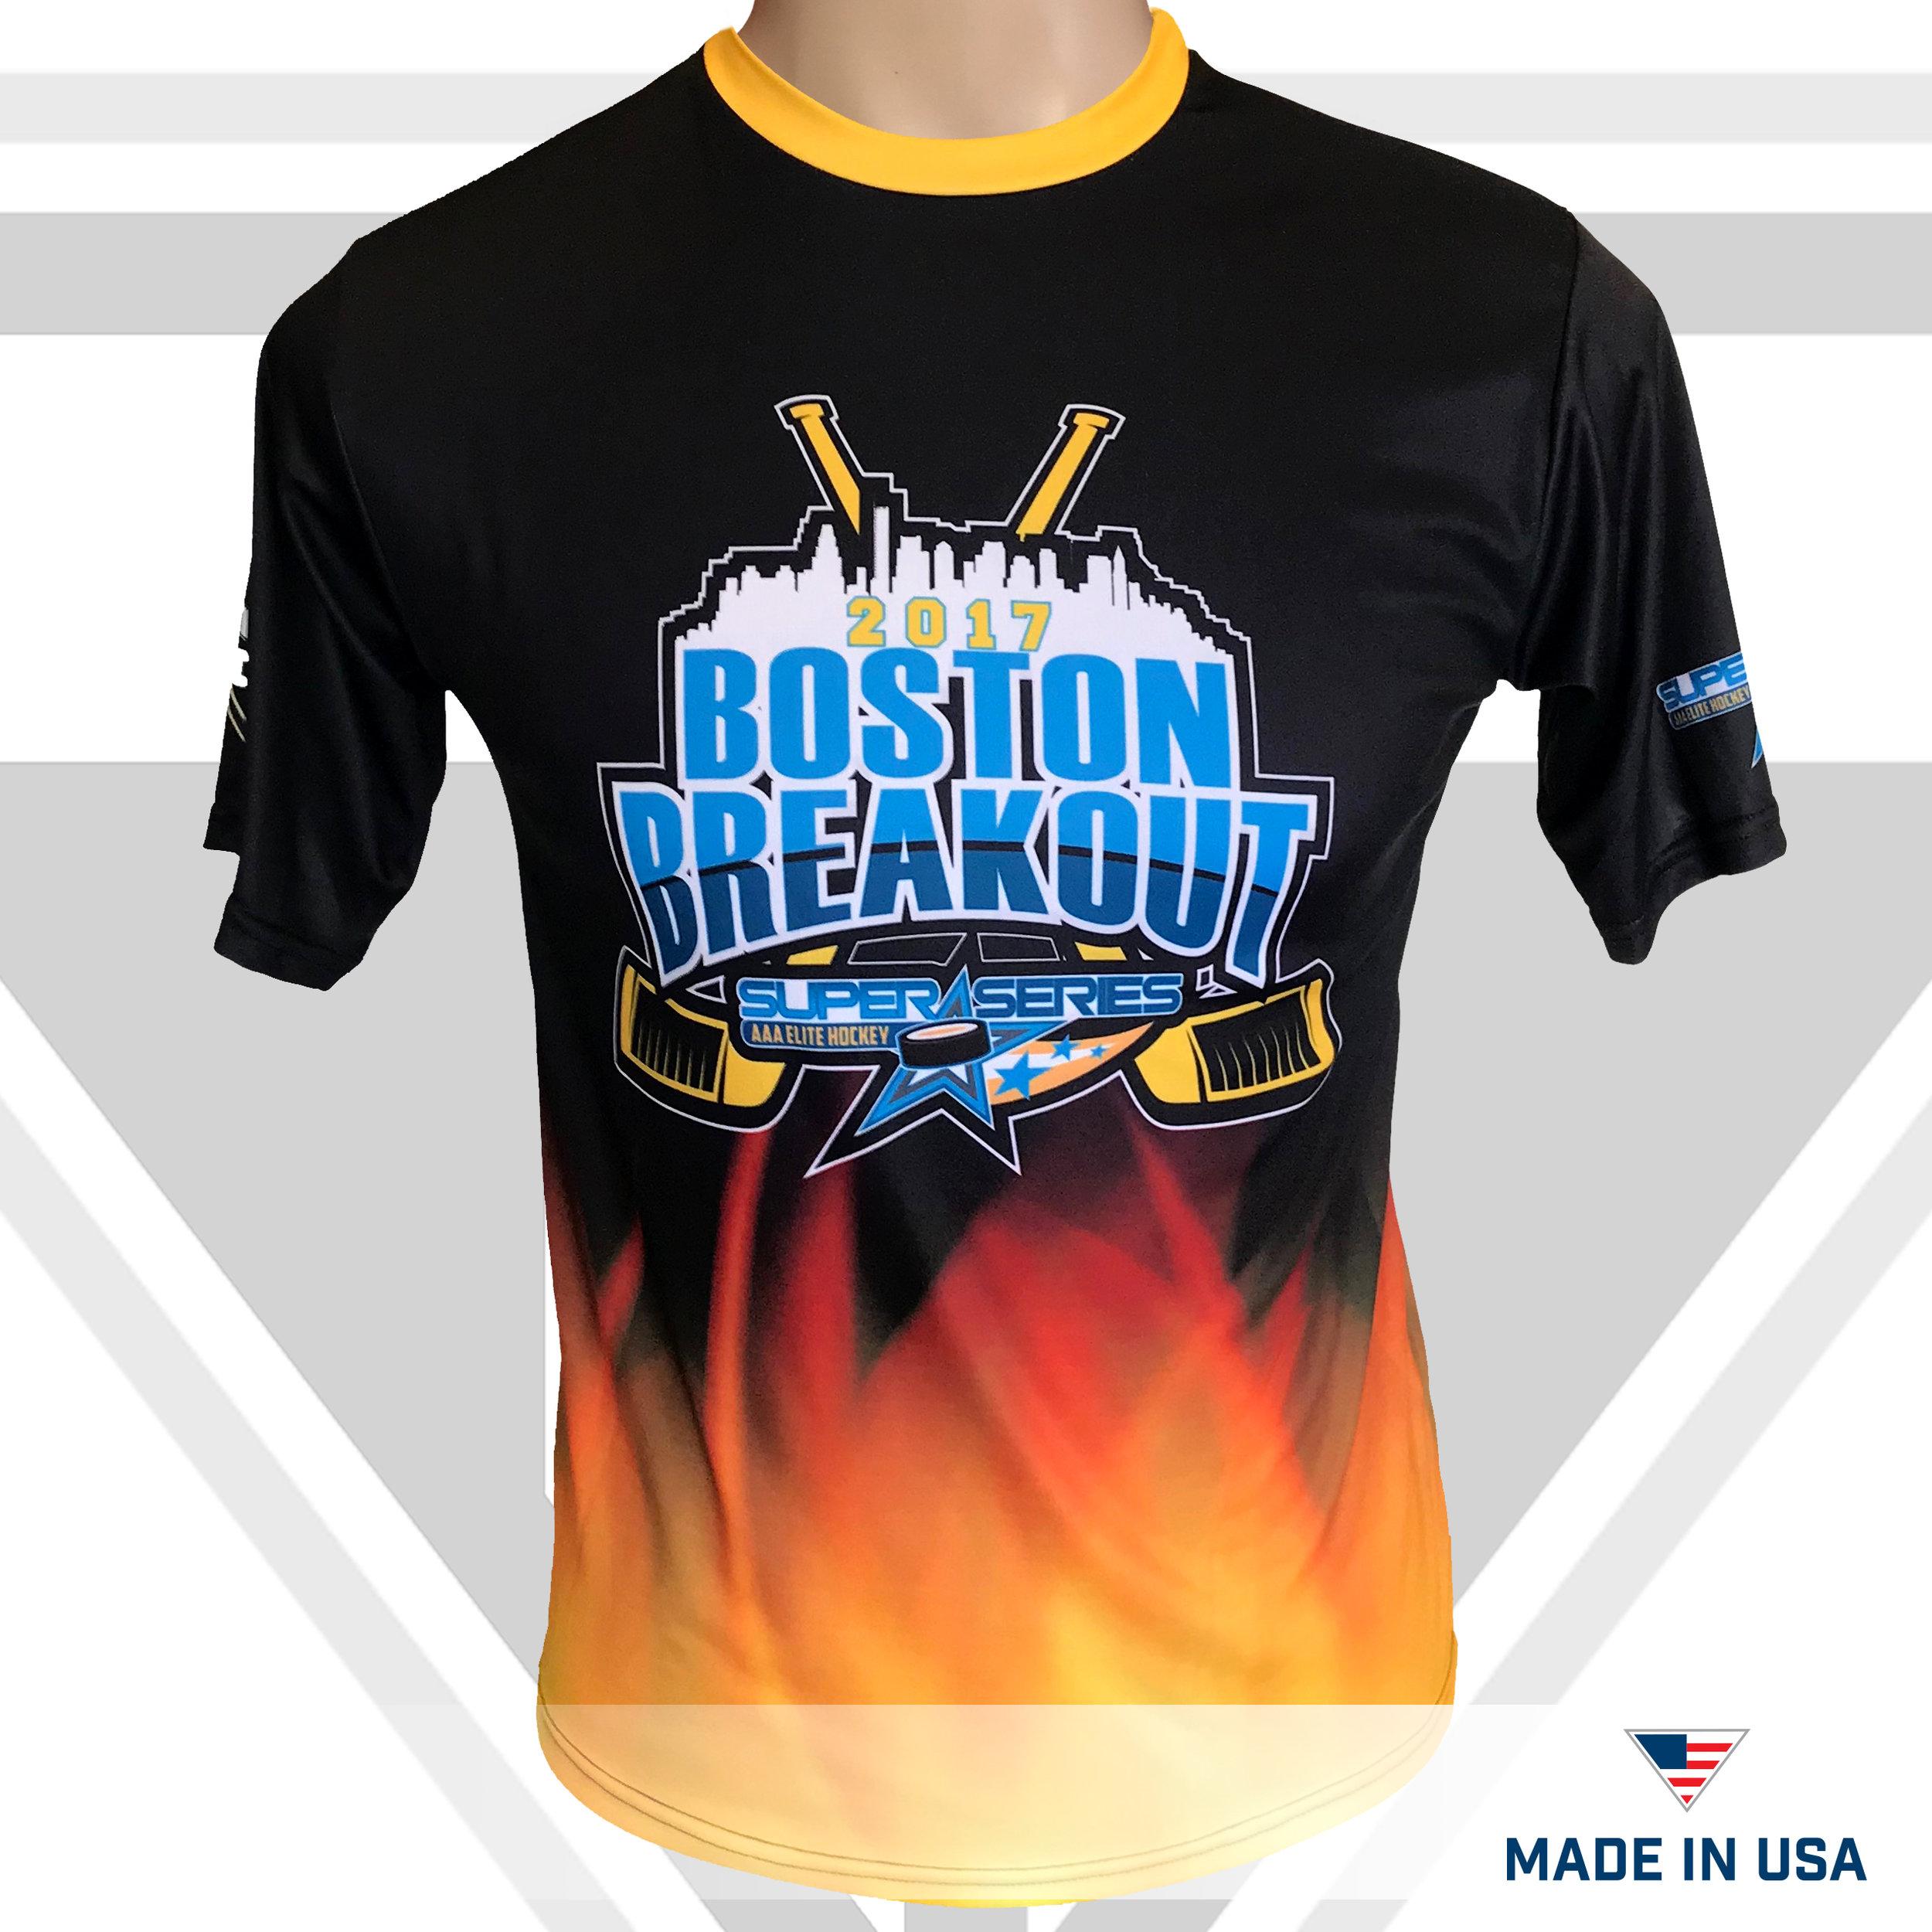 bostonbreakout.jpg